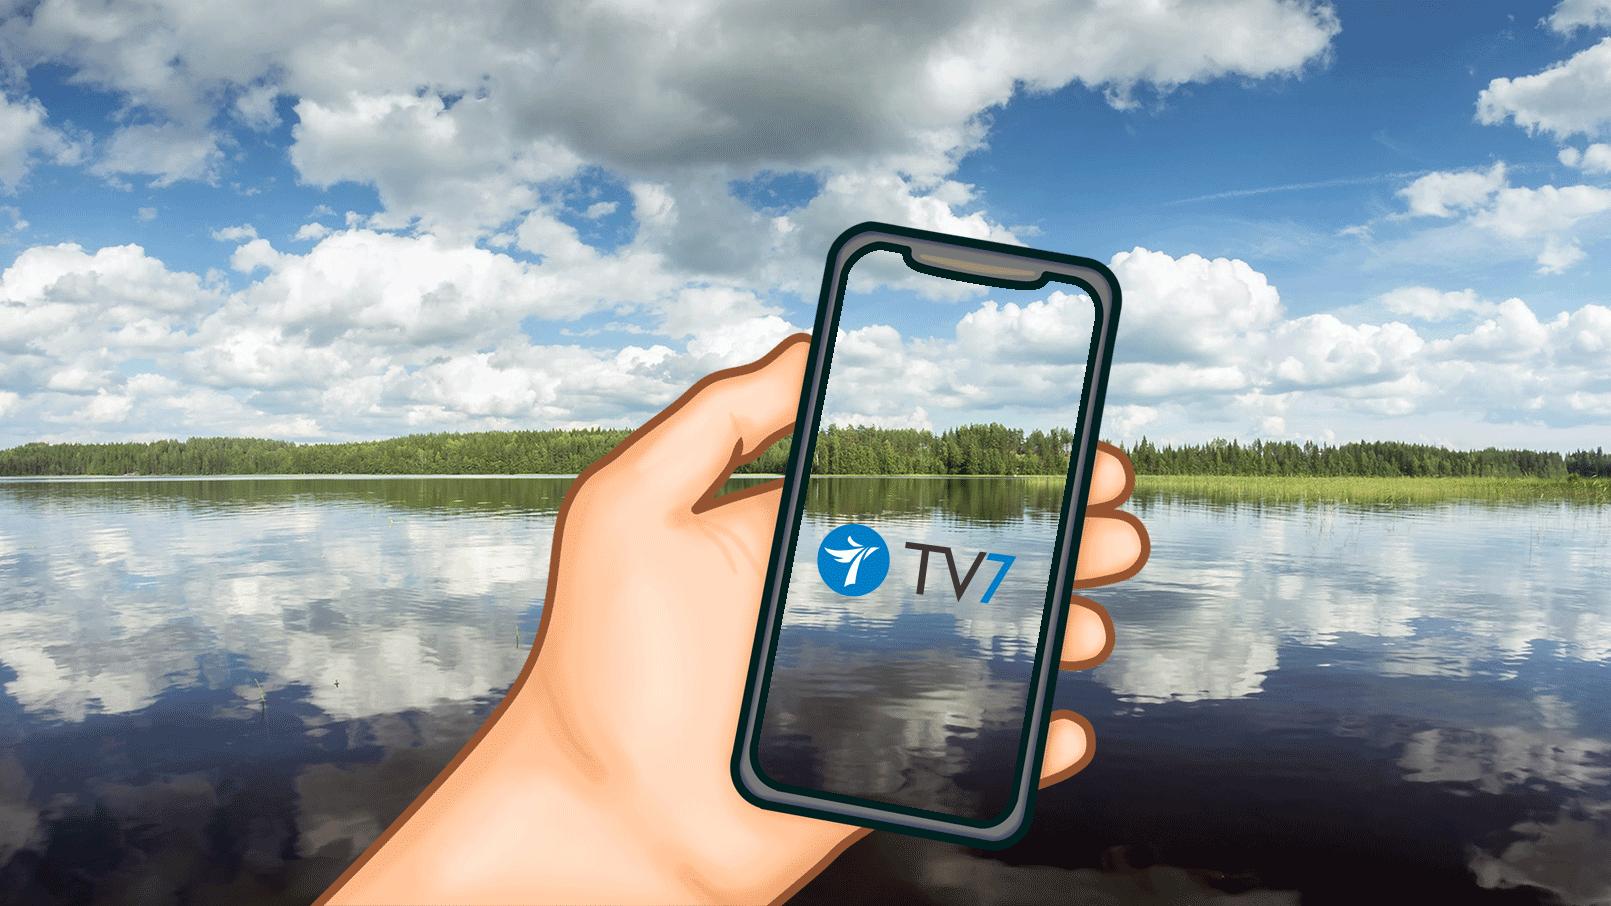 TV7:n heinäkuun kuulumiset